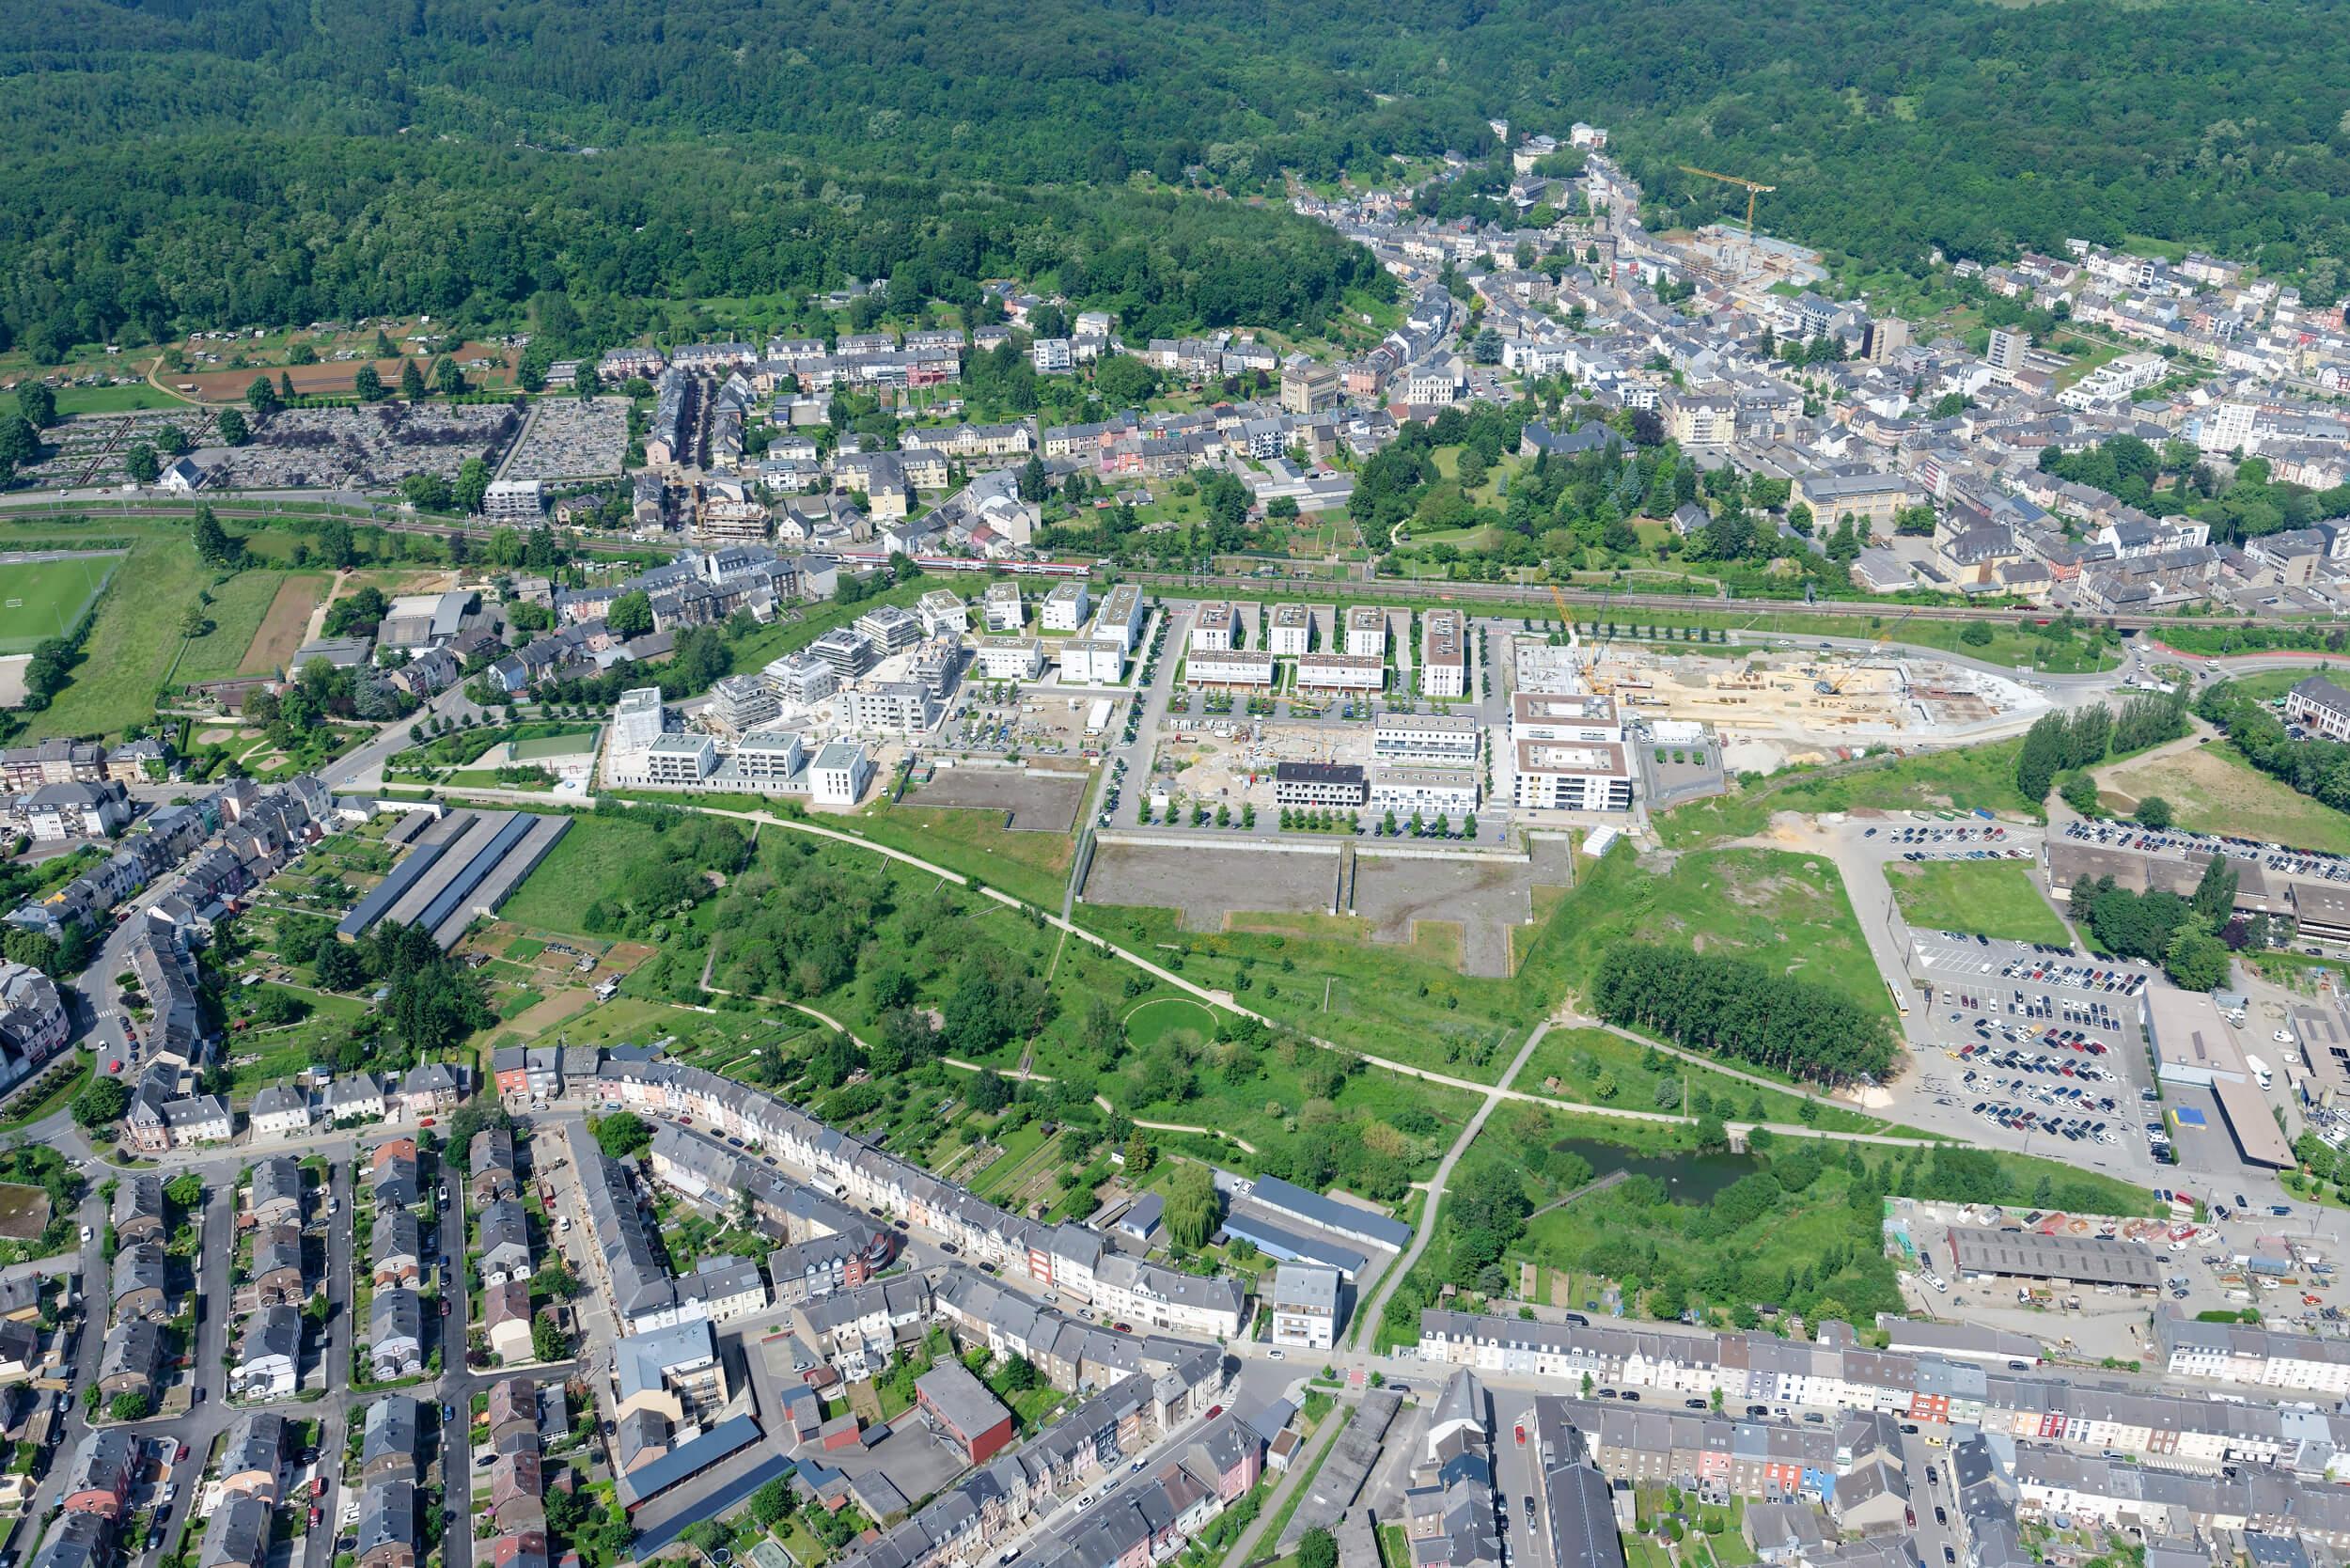 Luftbild Parc de la Chiers